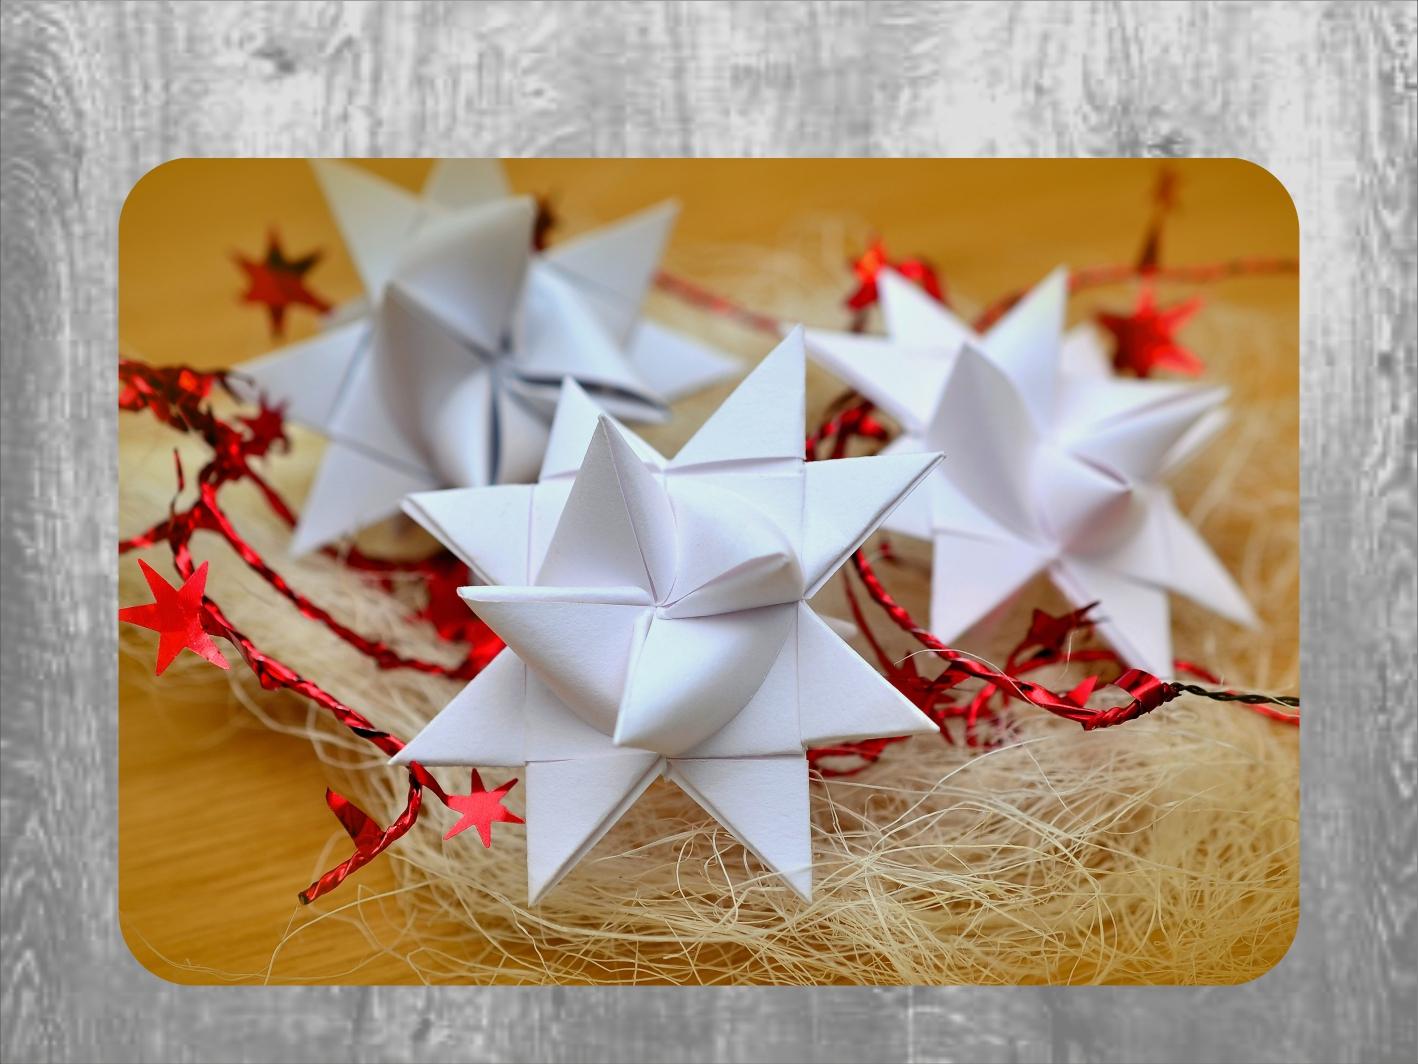 Vánoční prostírání; Christmas table setting; Vianočné prestieranie